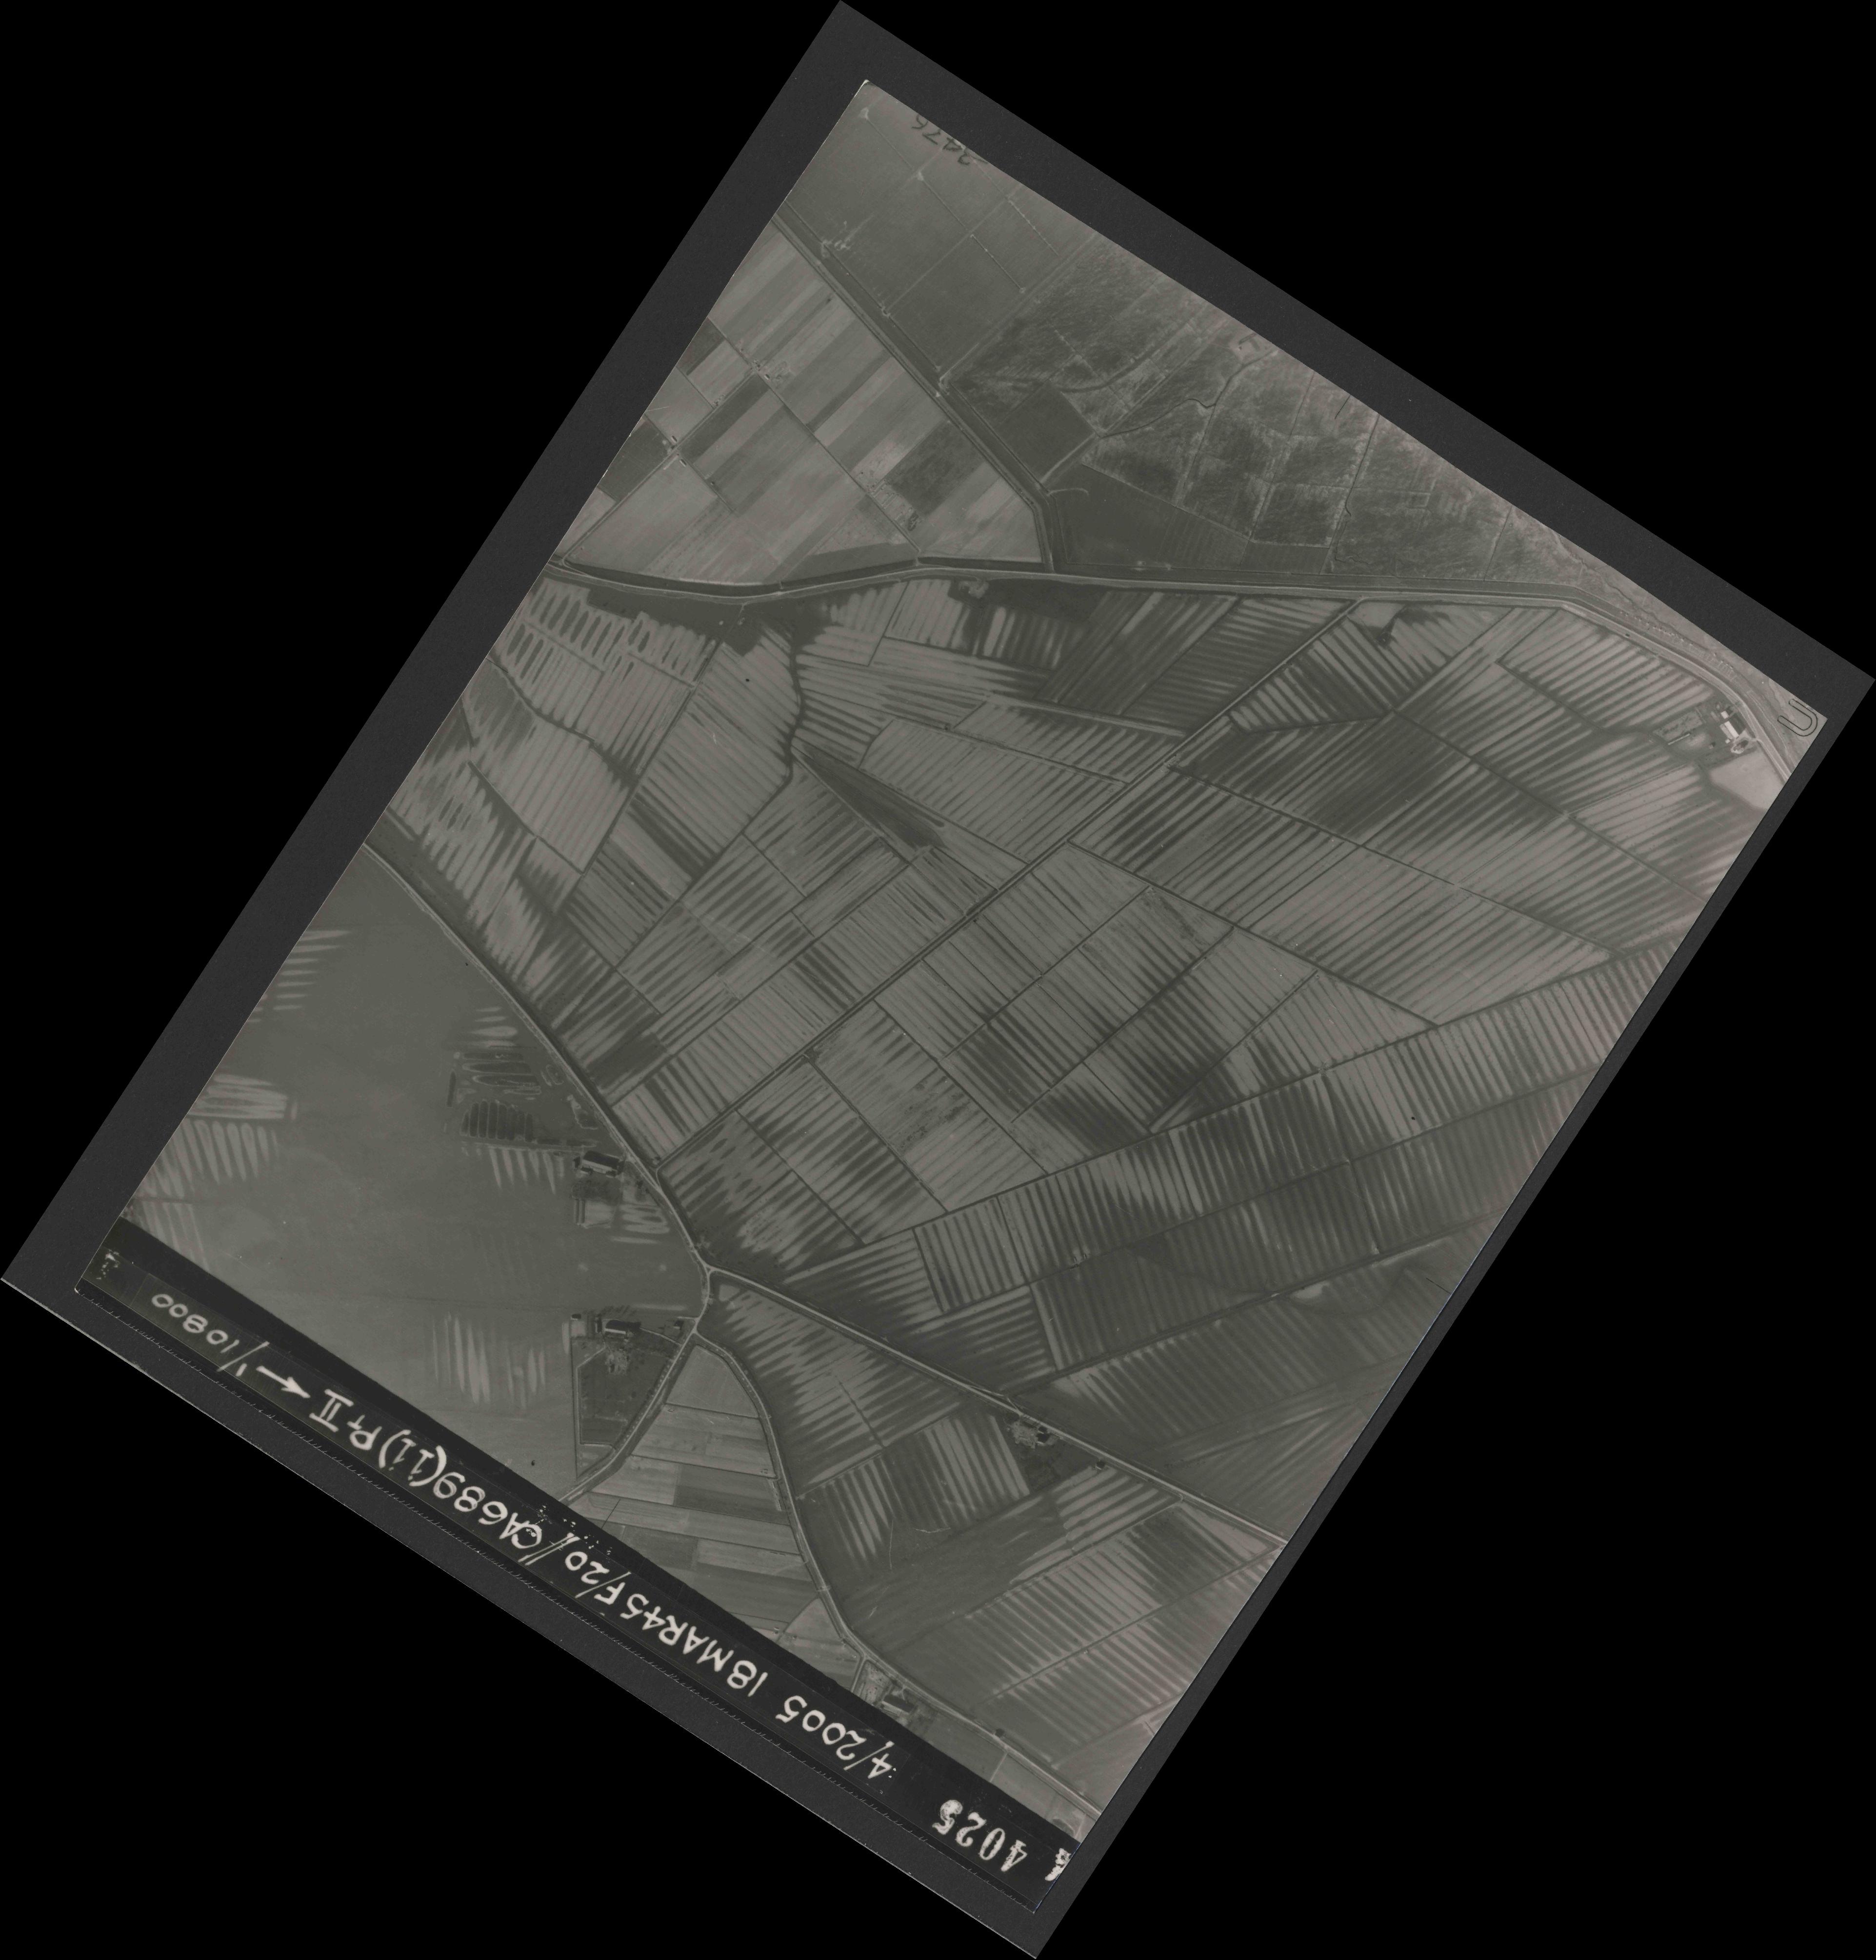 Collection RAF aerial photos 1940-1945 - flight 080, run 05, photo 4025